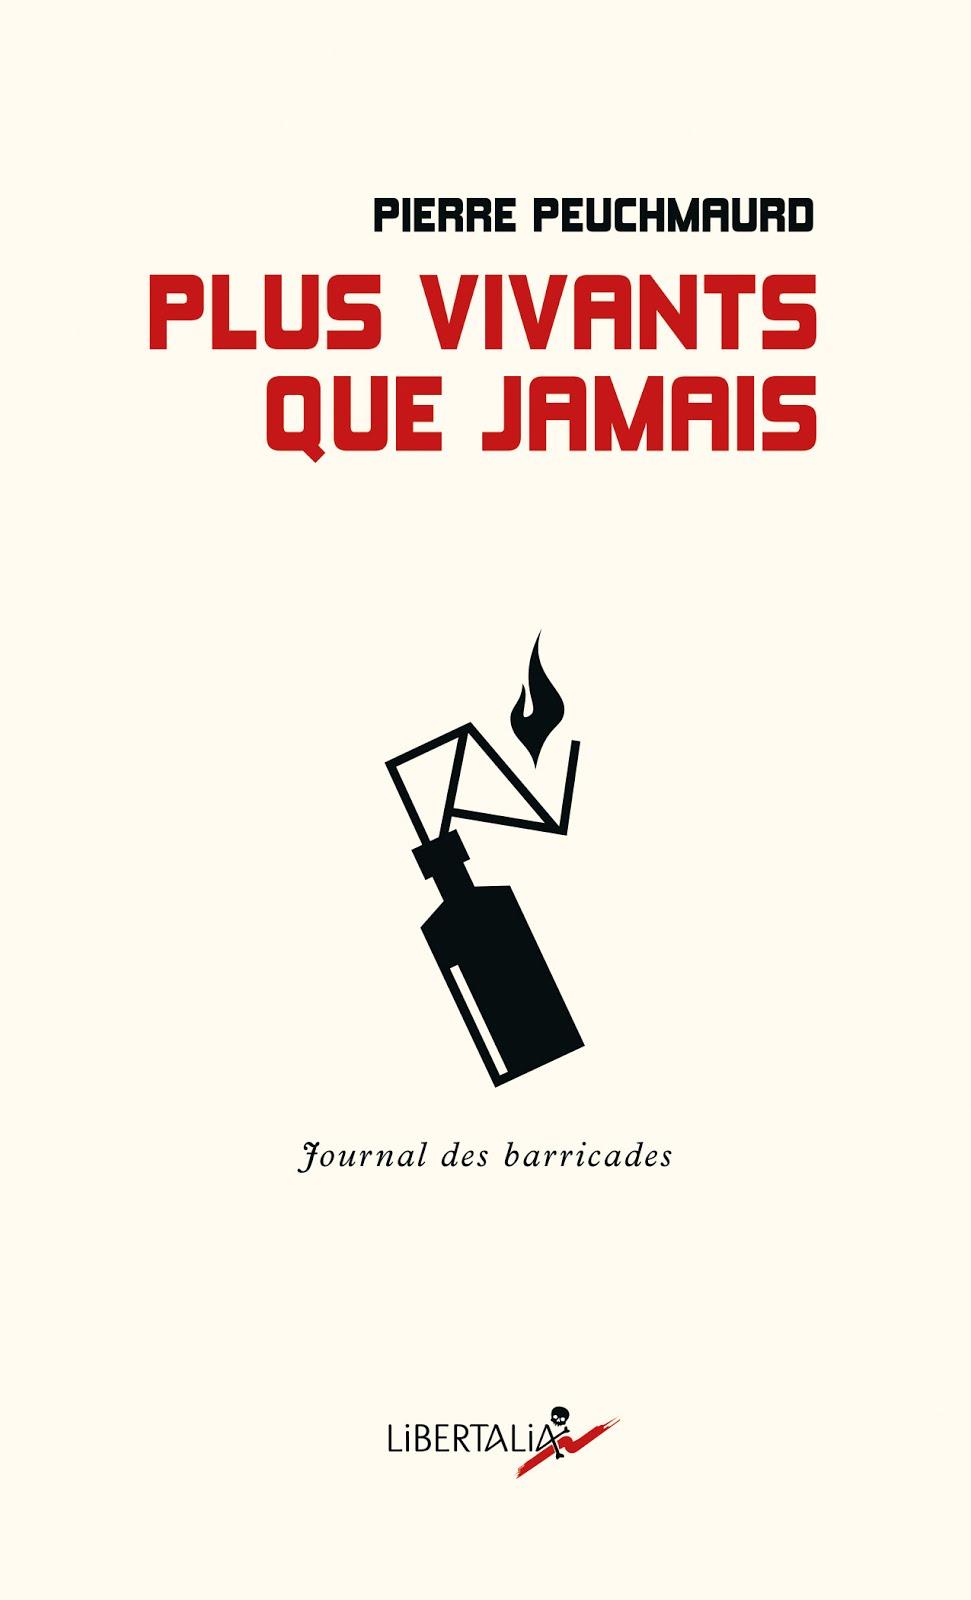 Pierre PEUCHMAURD, Plus vivants que jamais, Préface Joël GAYRAUD, Editions Libertalia, février 2018